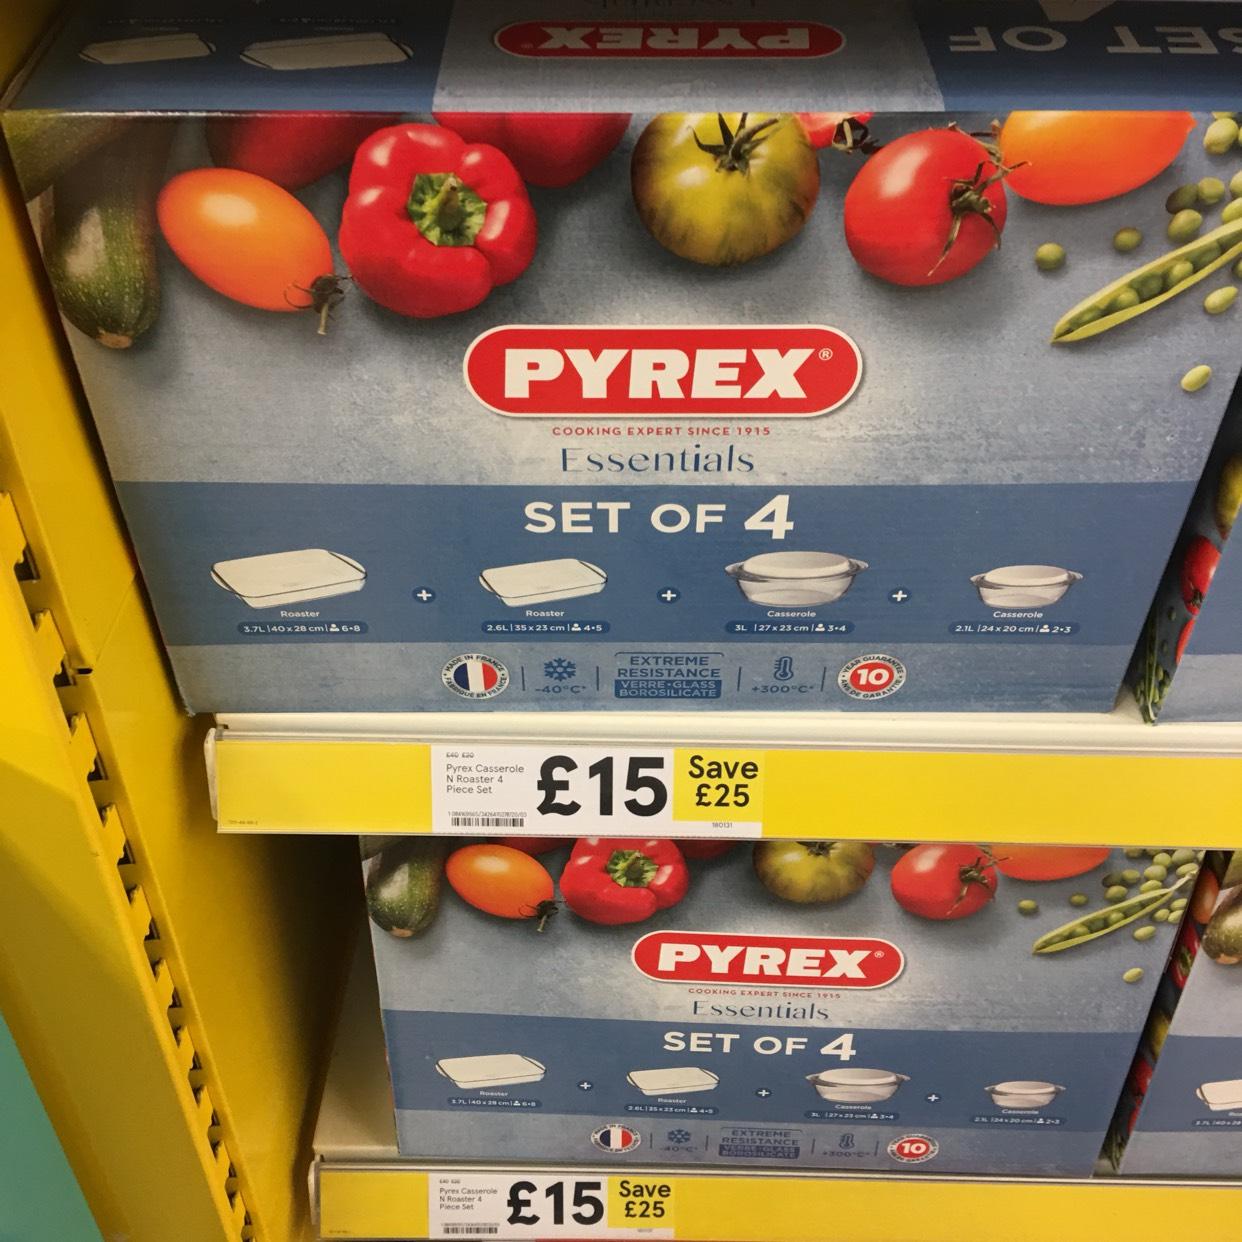 Pyrex set of 4 £15 instore @ Tesco